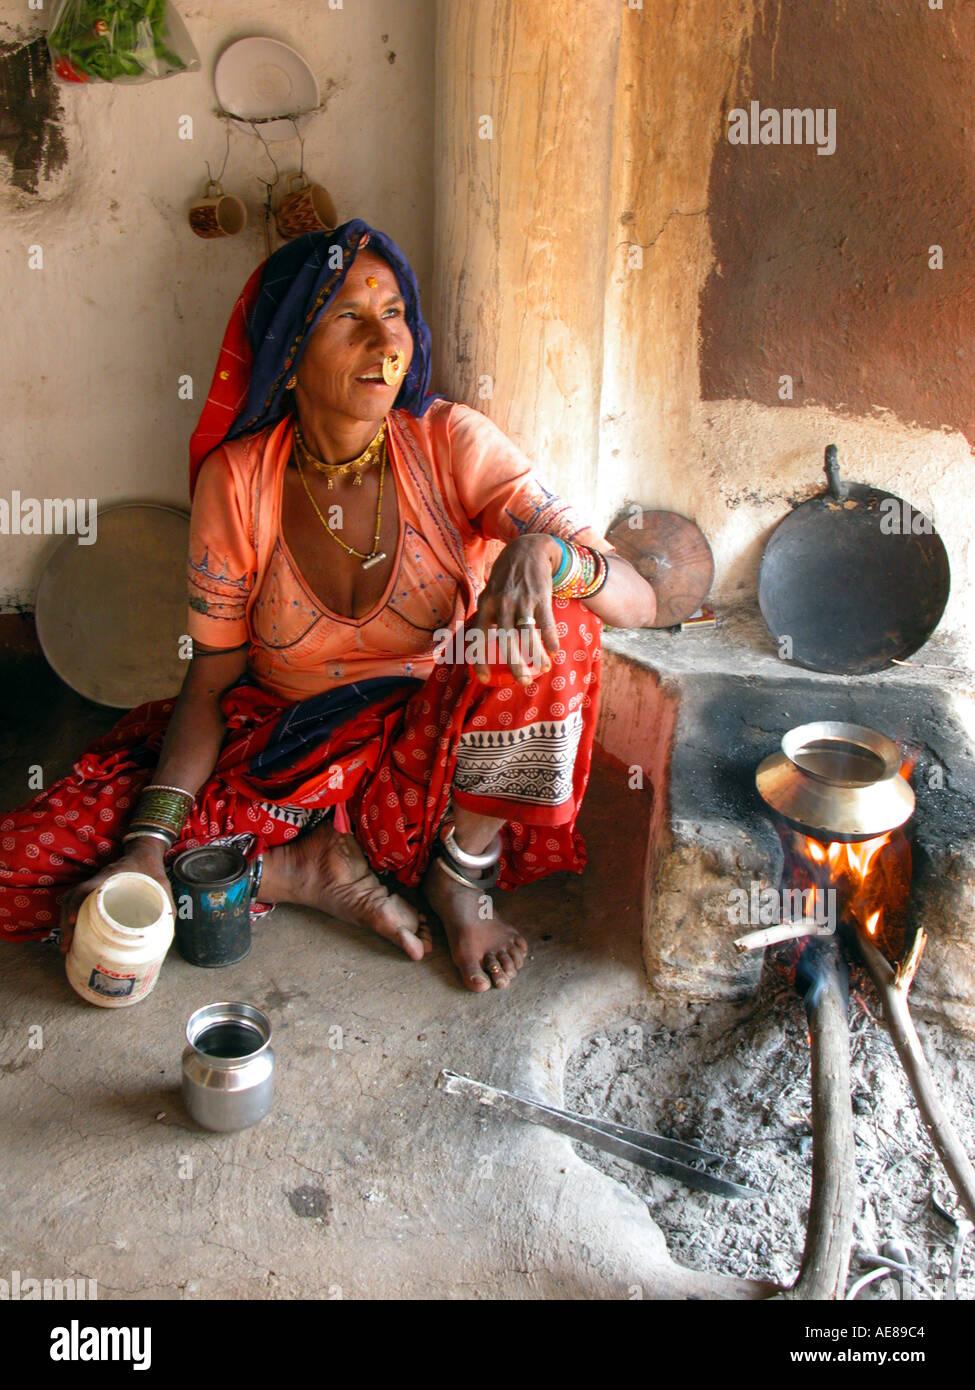 Bishnoi woman making tea India Rajasthan - Stock Image